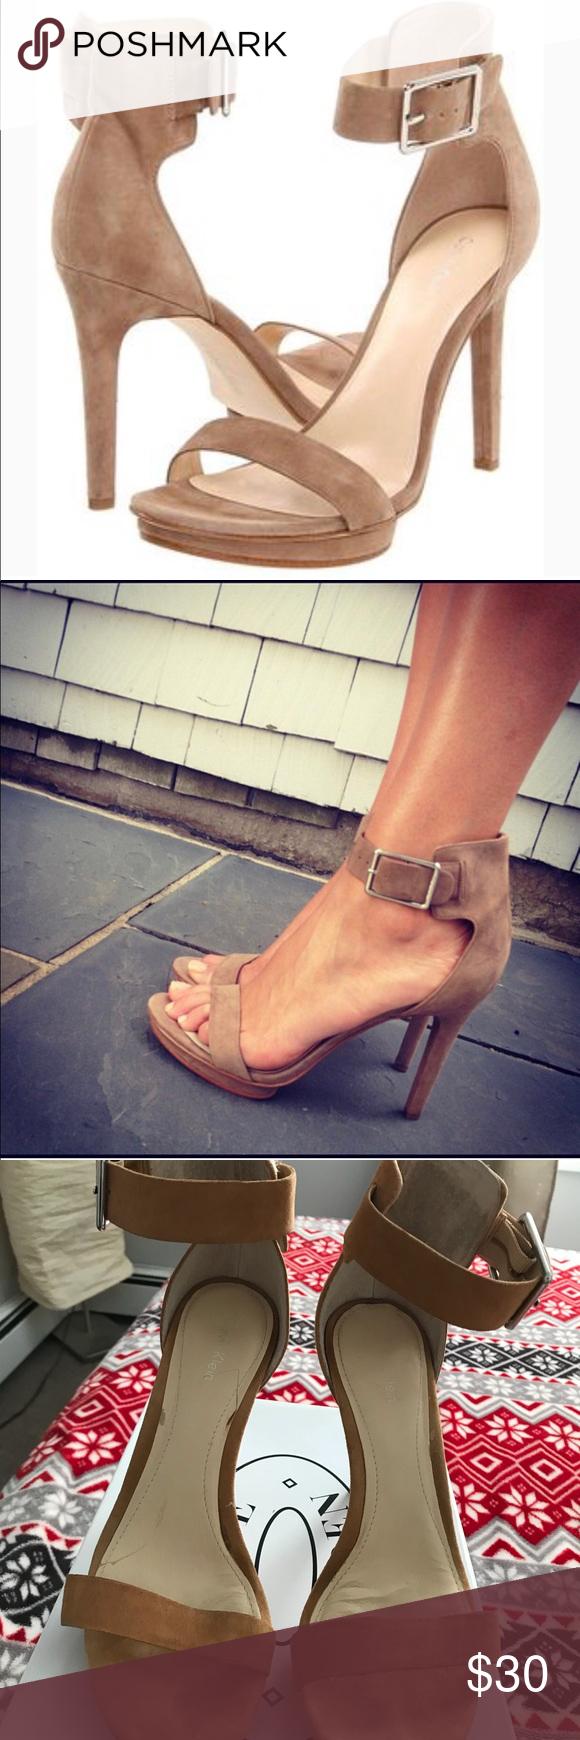 calvin klein vivian sandal